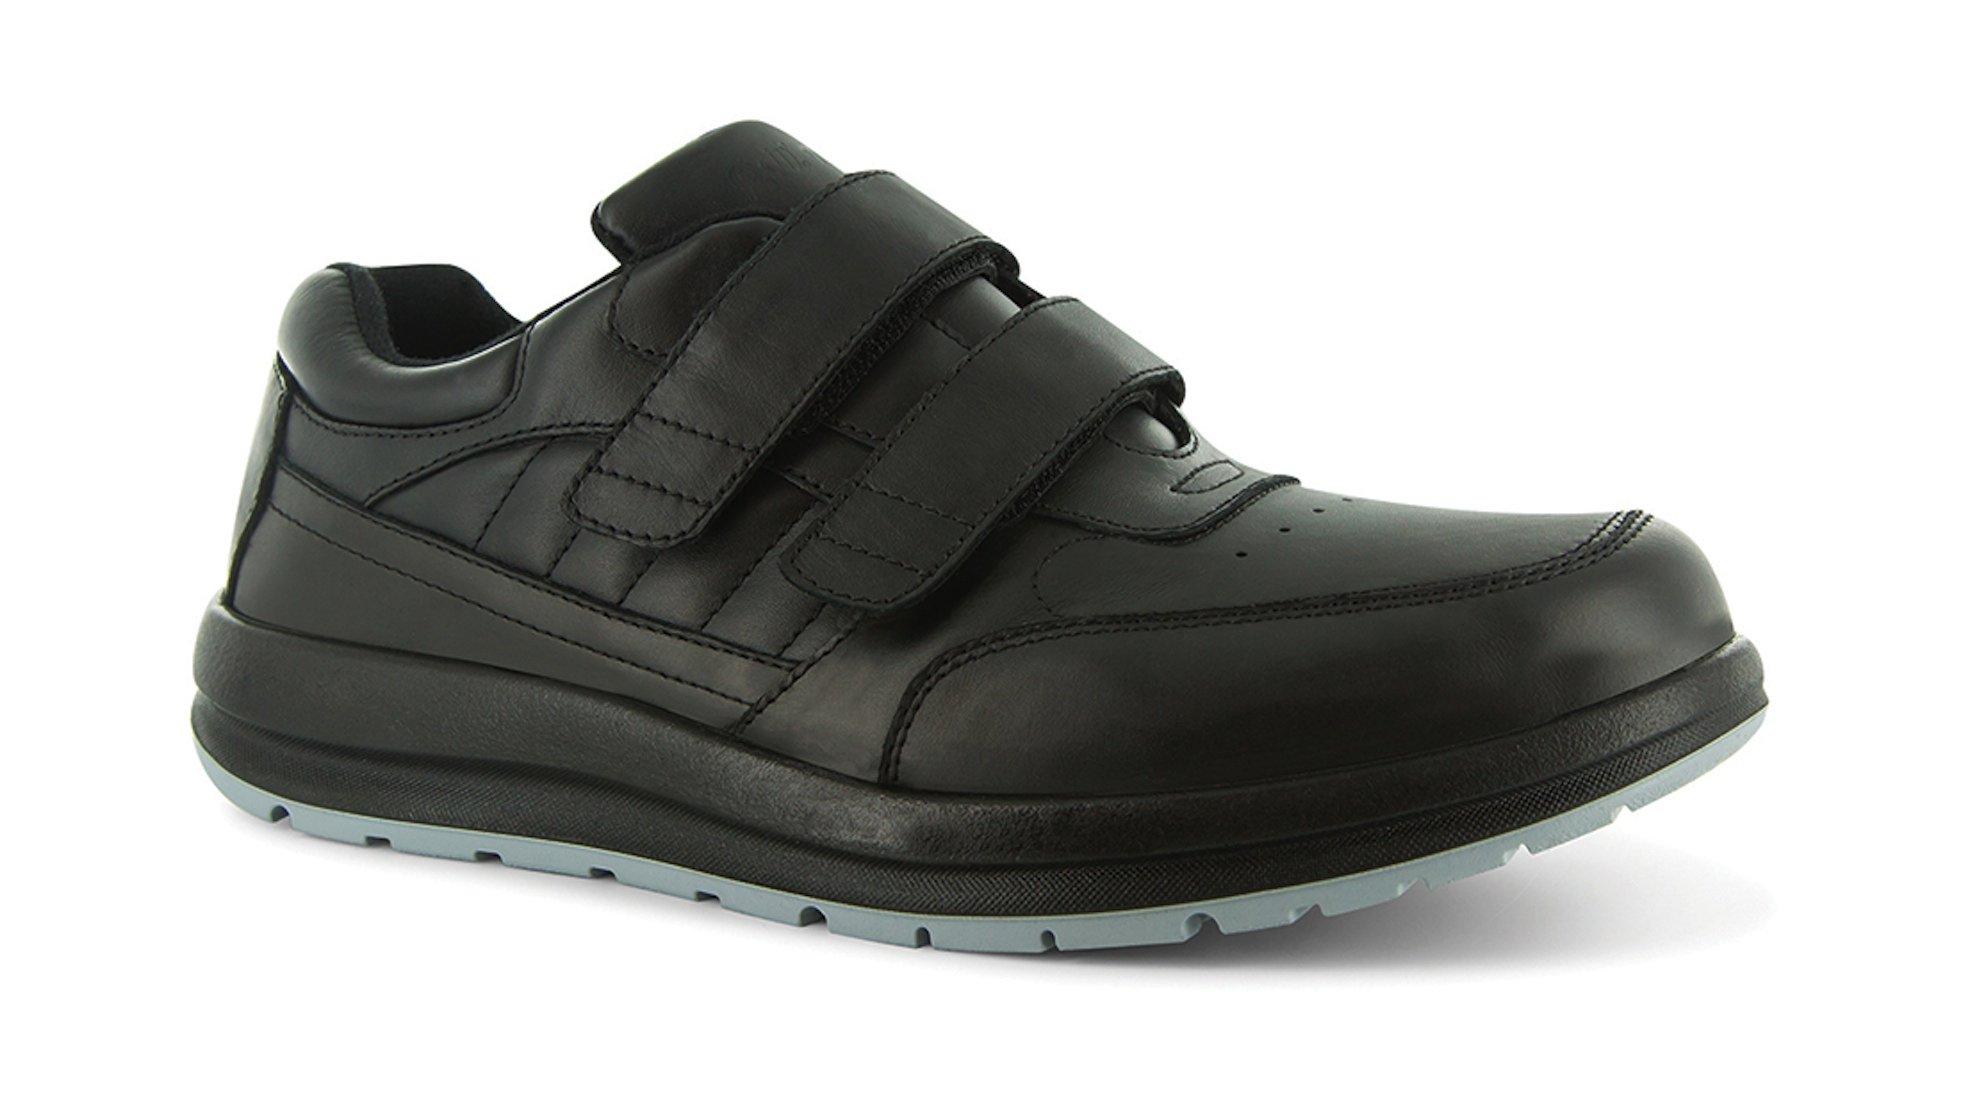 P W Minor Performance Walker Men's Therapeutic Casual Extra Depth Shoe: Black 14 X-Wide (2E-3E) Velcro